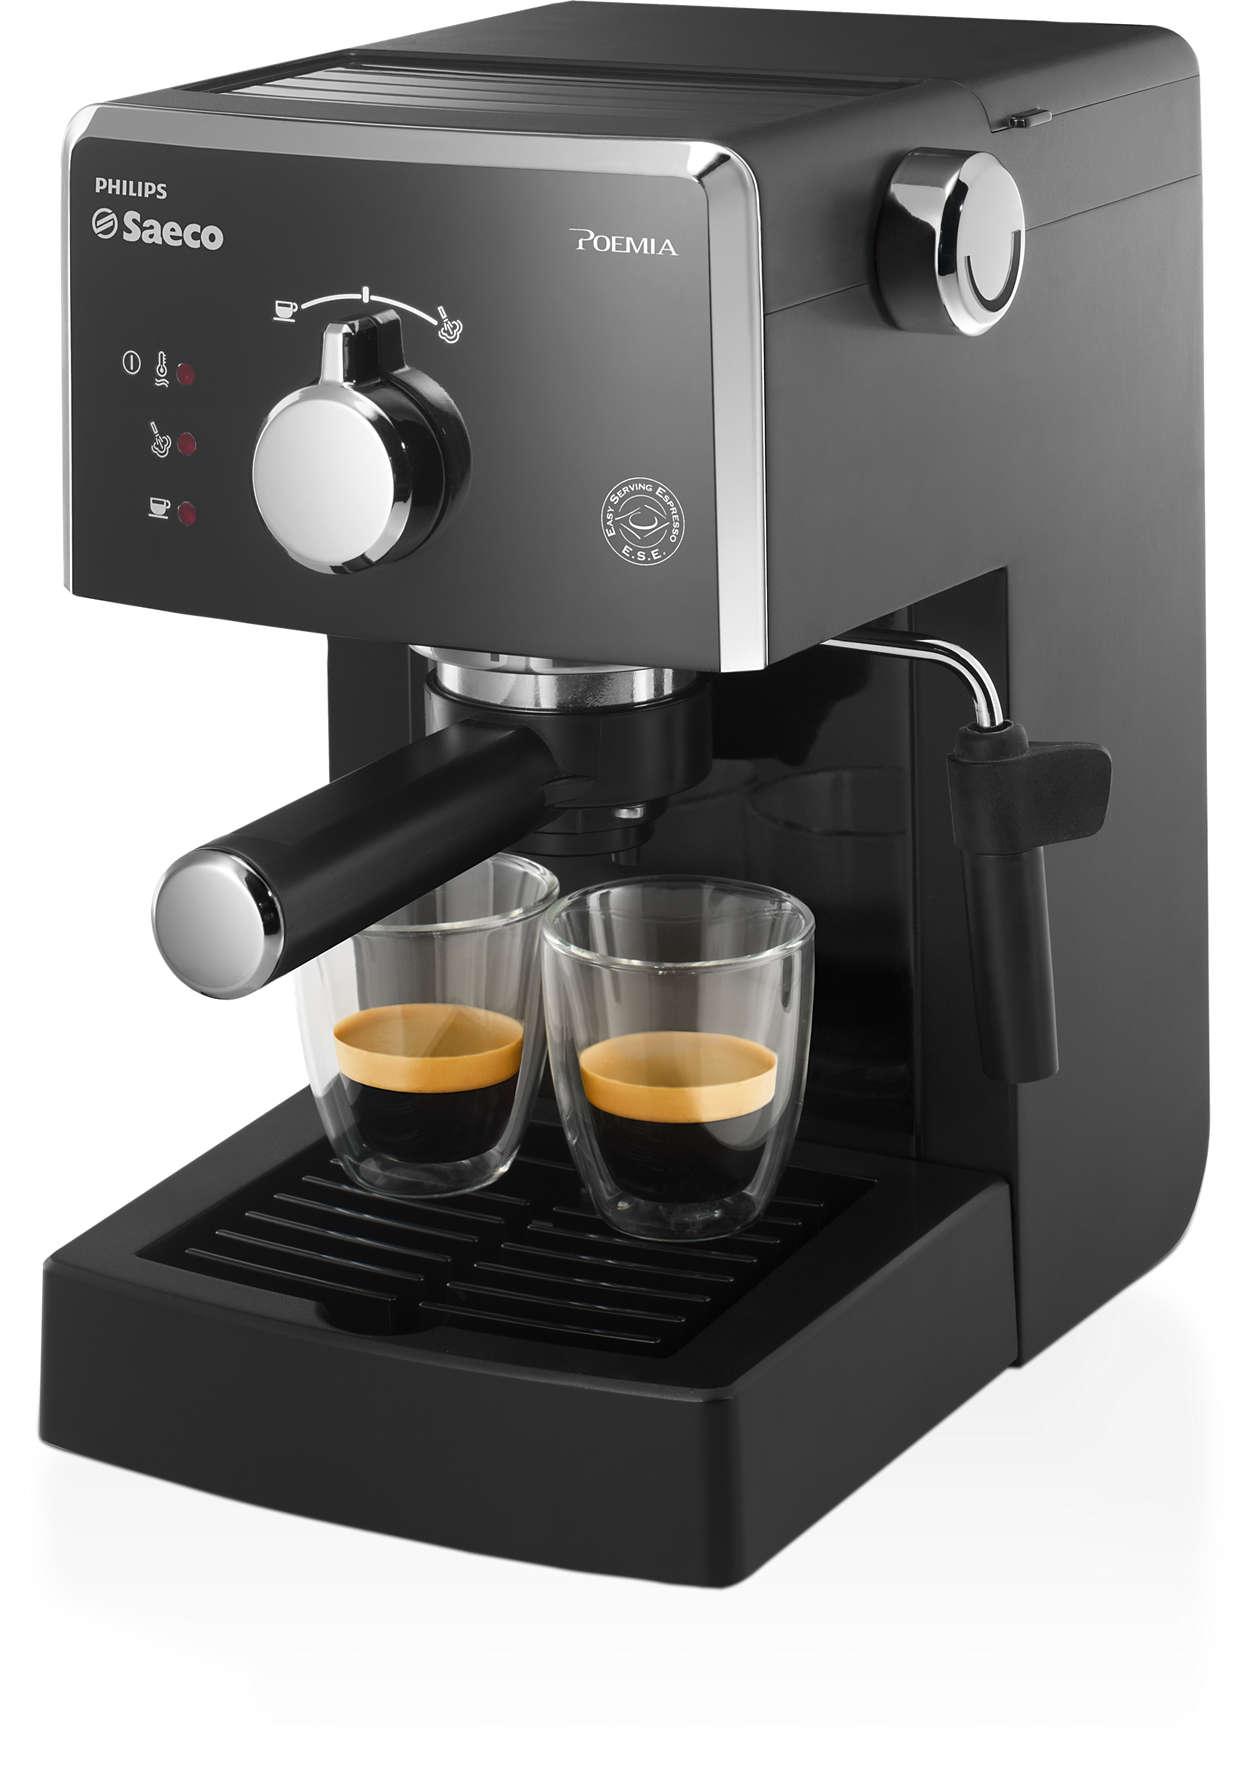 Espresso italian autentic în fiecare zi